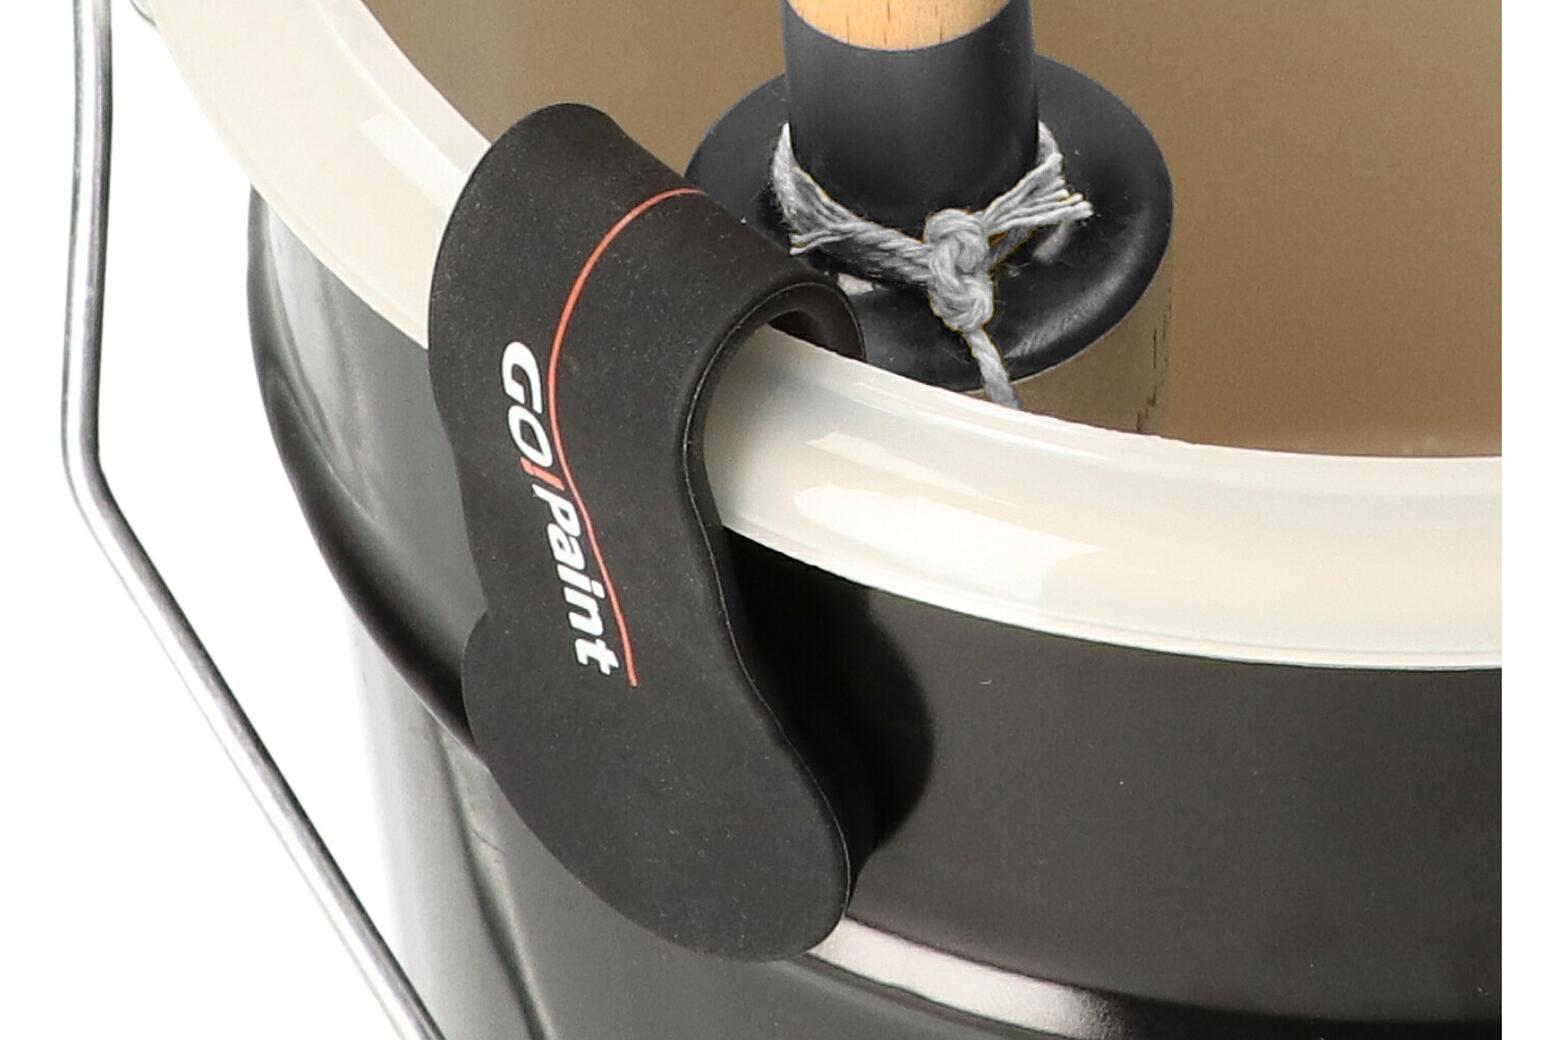 De zachte rubber buitenkant beschermt het blik en de kwast.